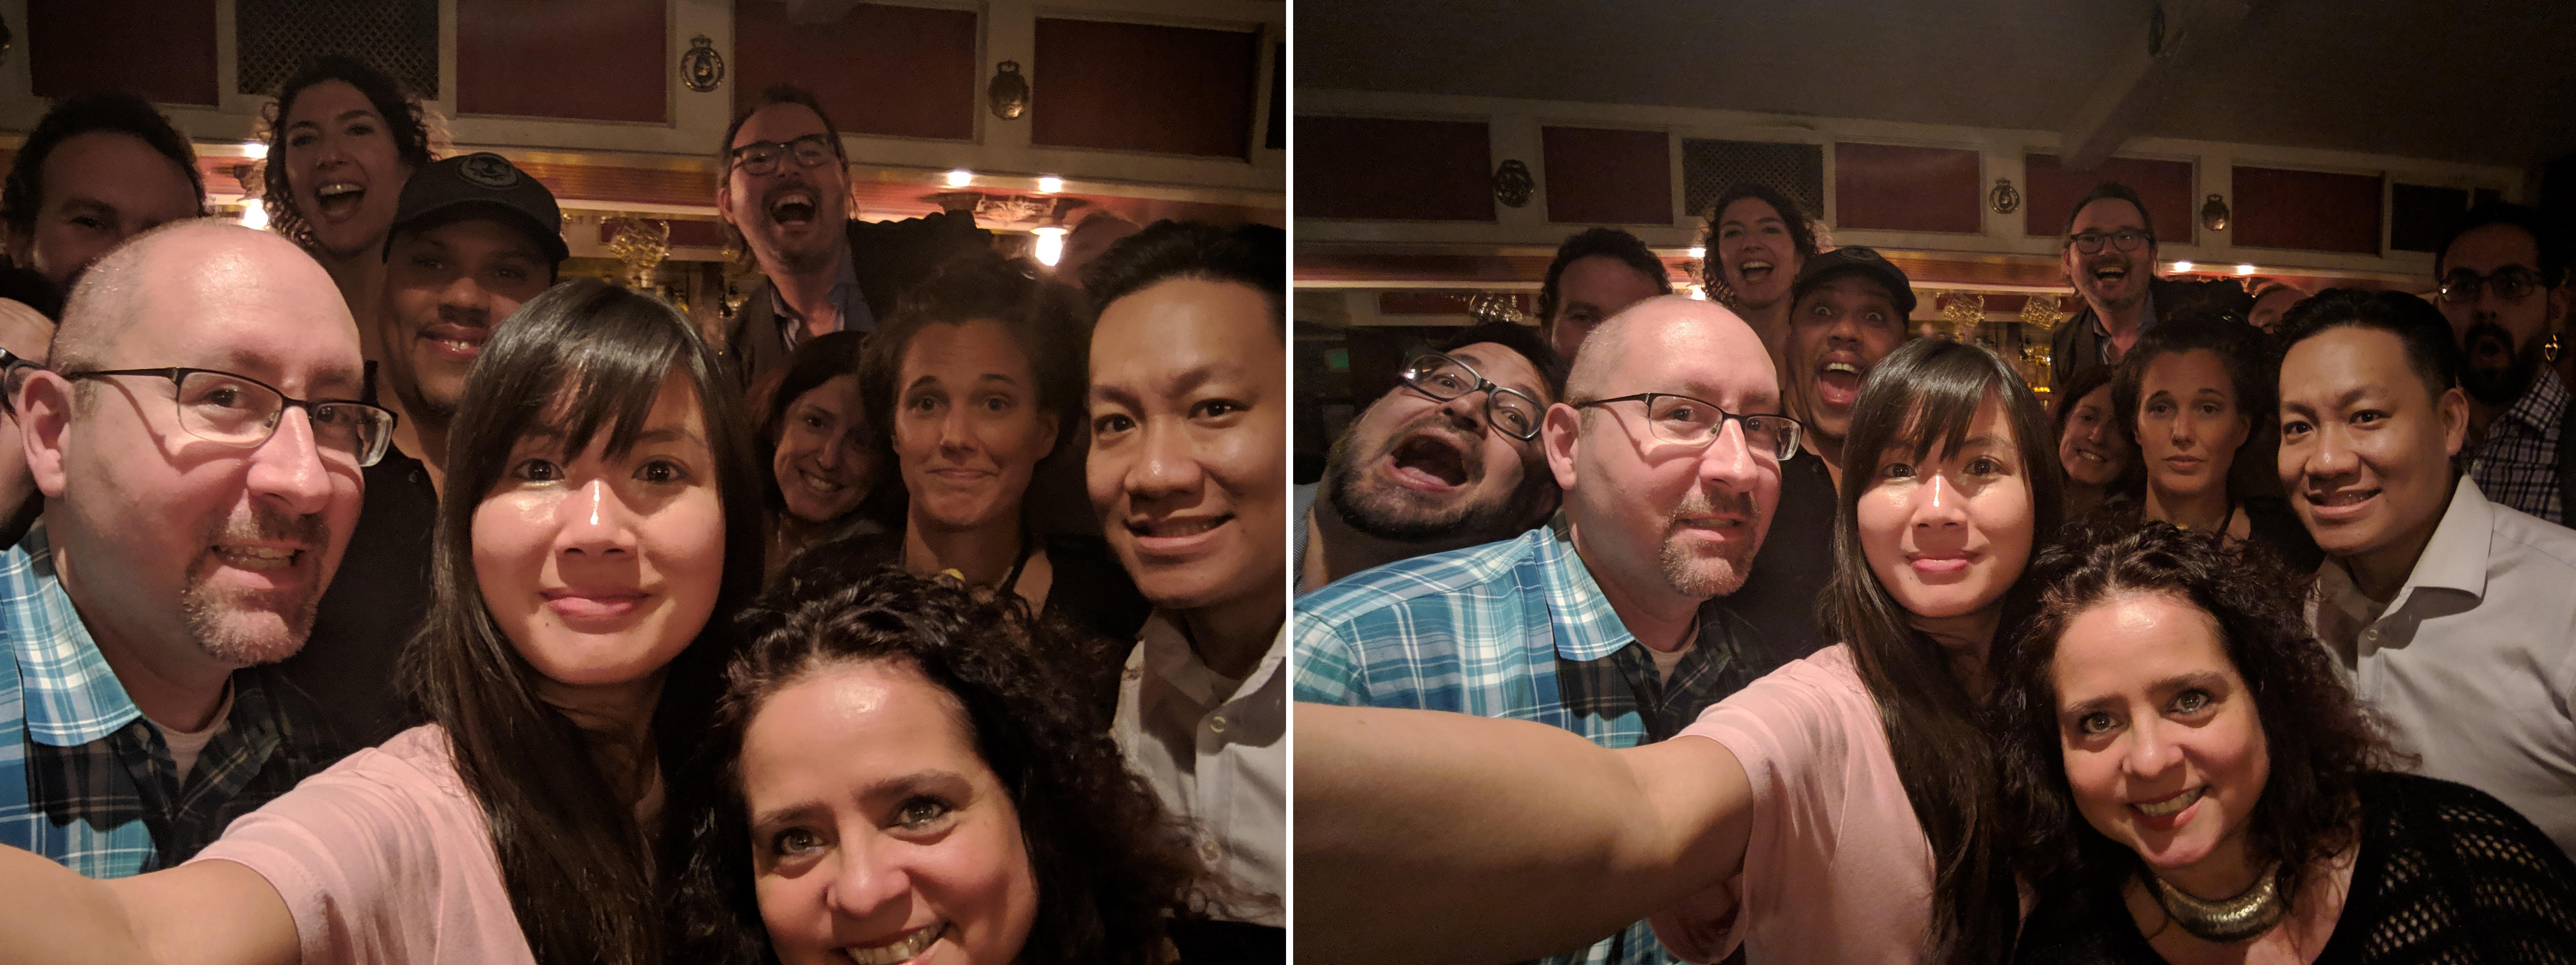 pixel-3-selfie-zoom